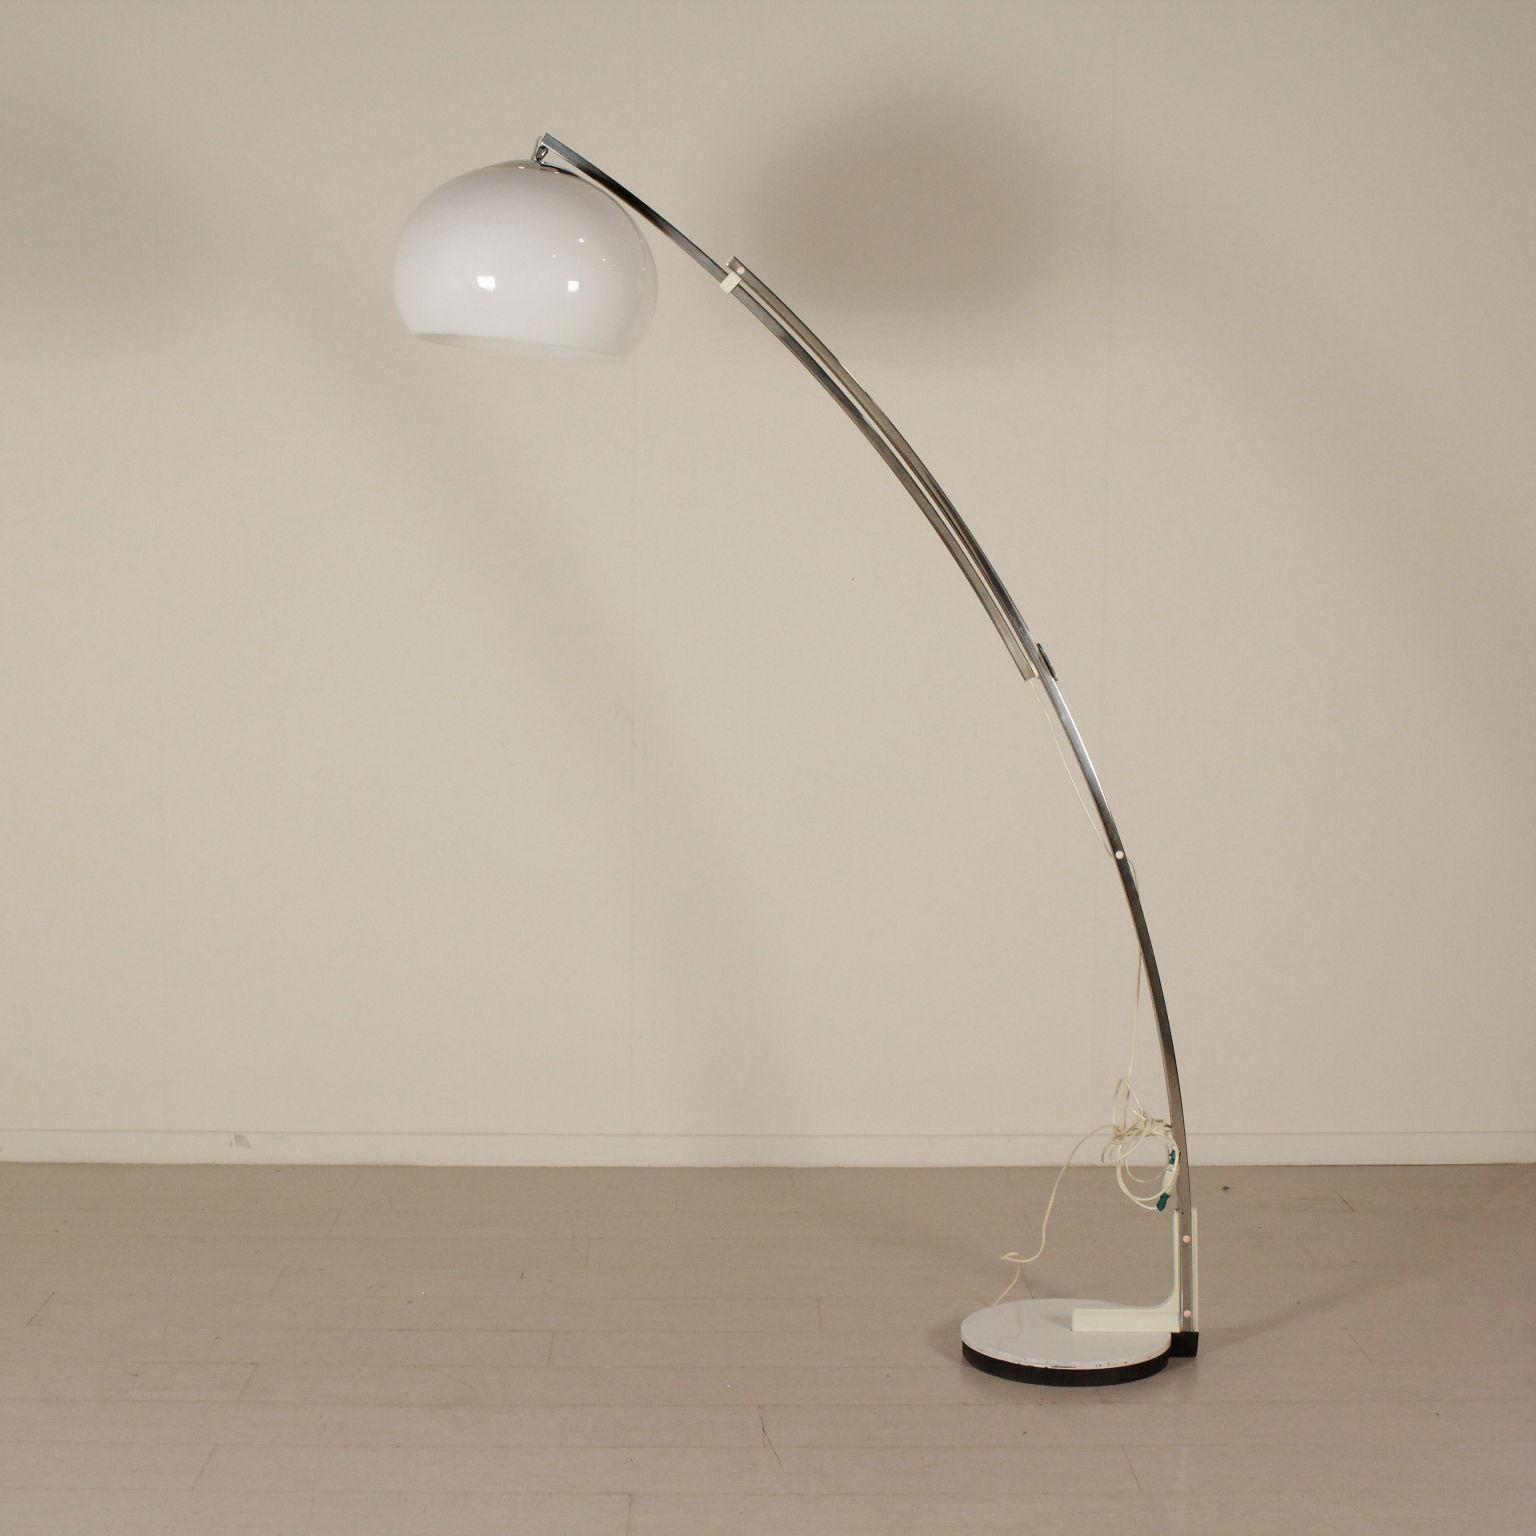 Lampada Anni 60 Illuminazione Modernariato